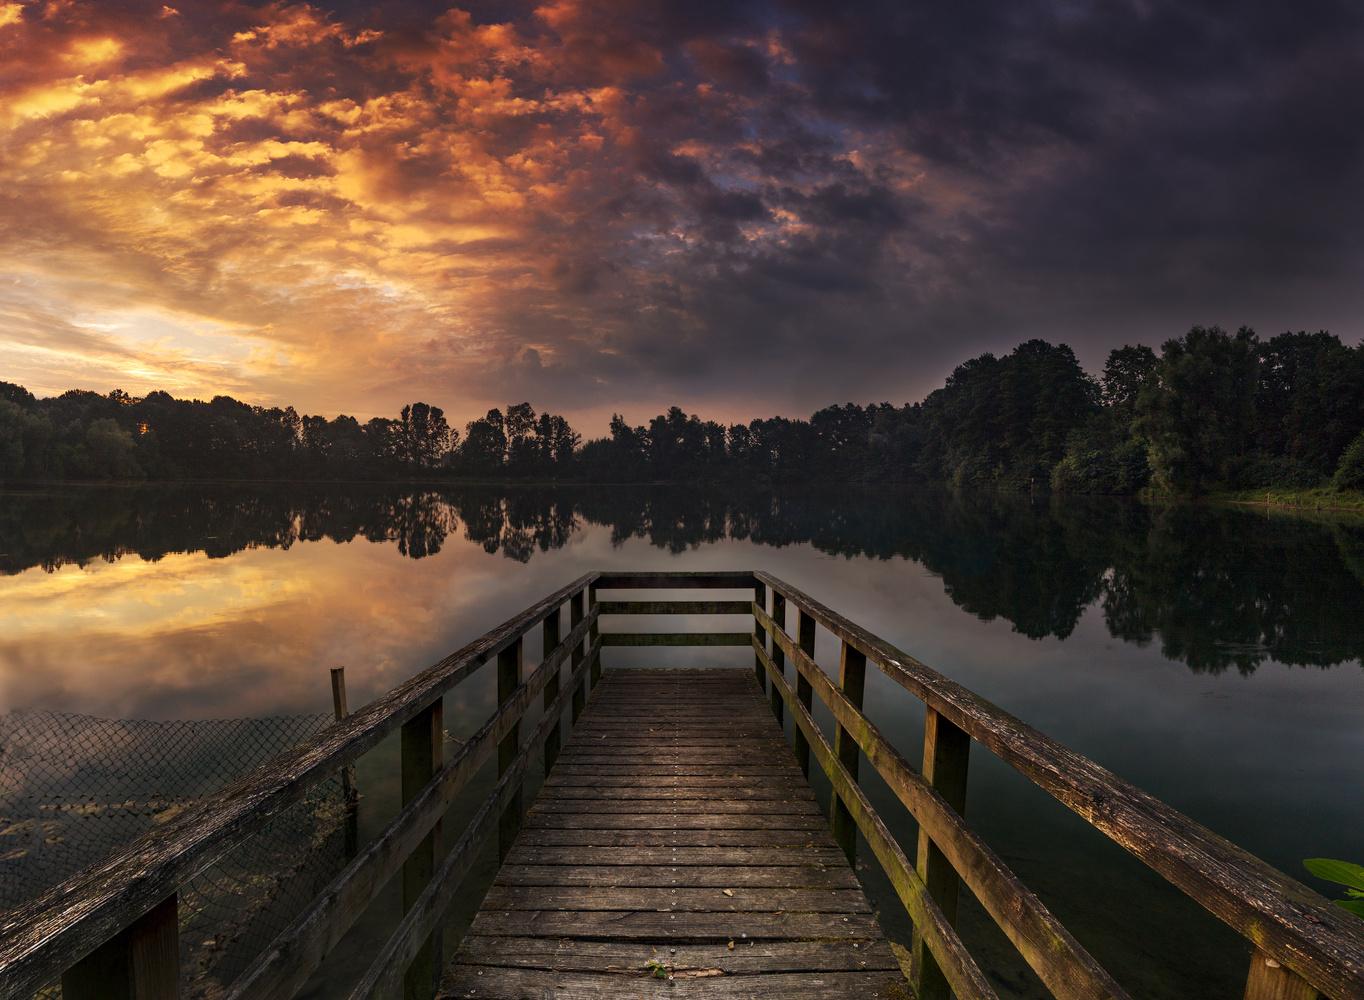 Good Morning by Robert Katke